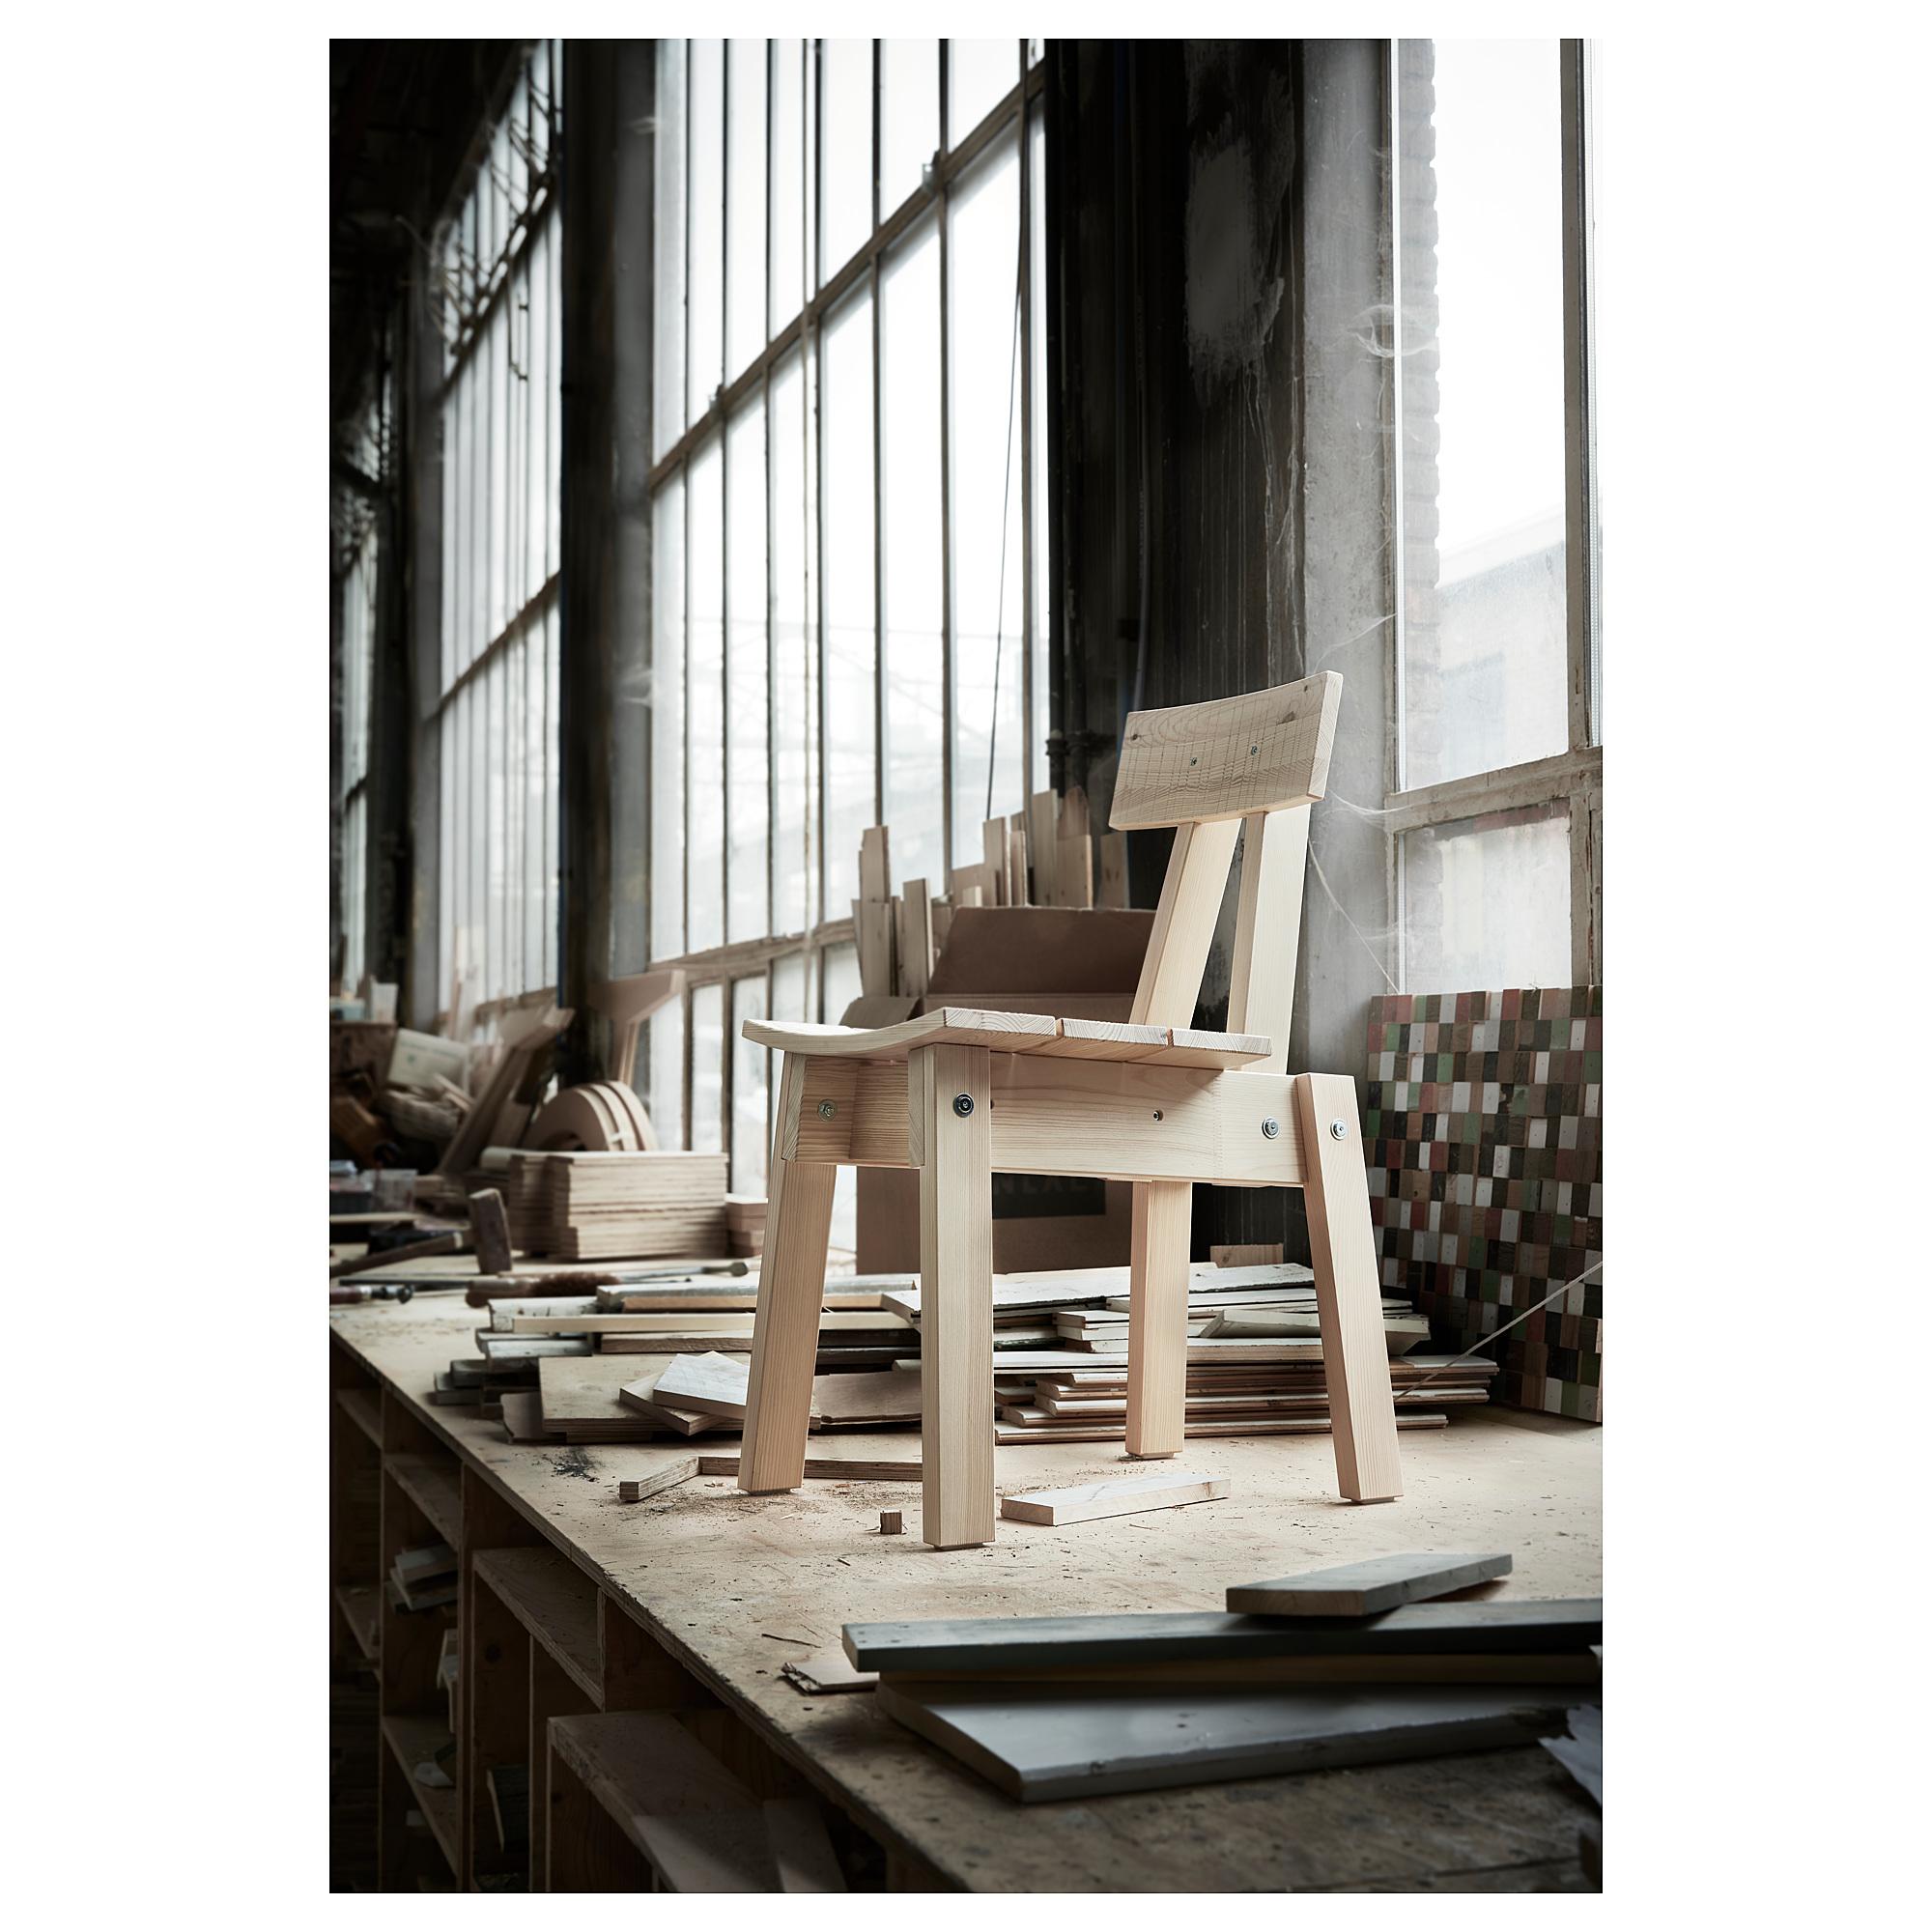 Стул ИНДУСТРИЕЛЛ артикуль № 603.945.13 в наличии. Интернет сайт IKEA Республика Беларусь. Быстрая доставка и монтаж.